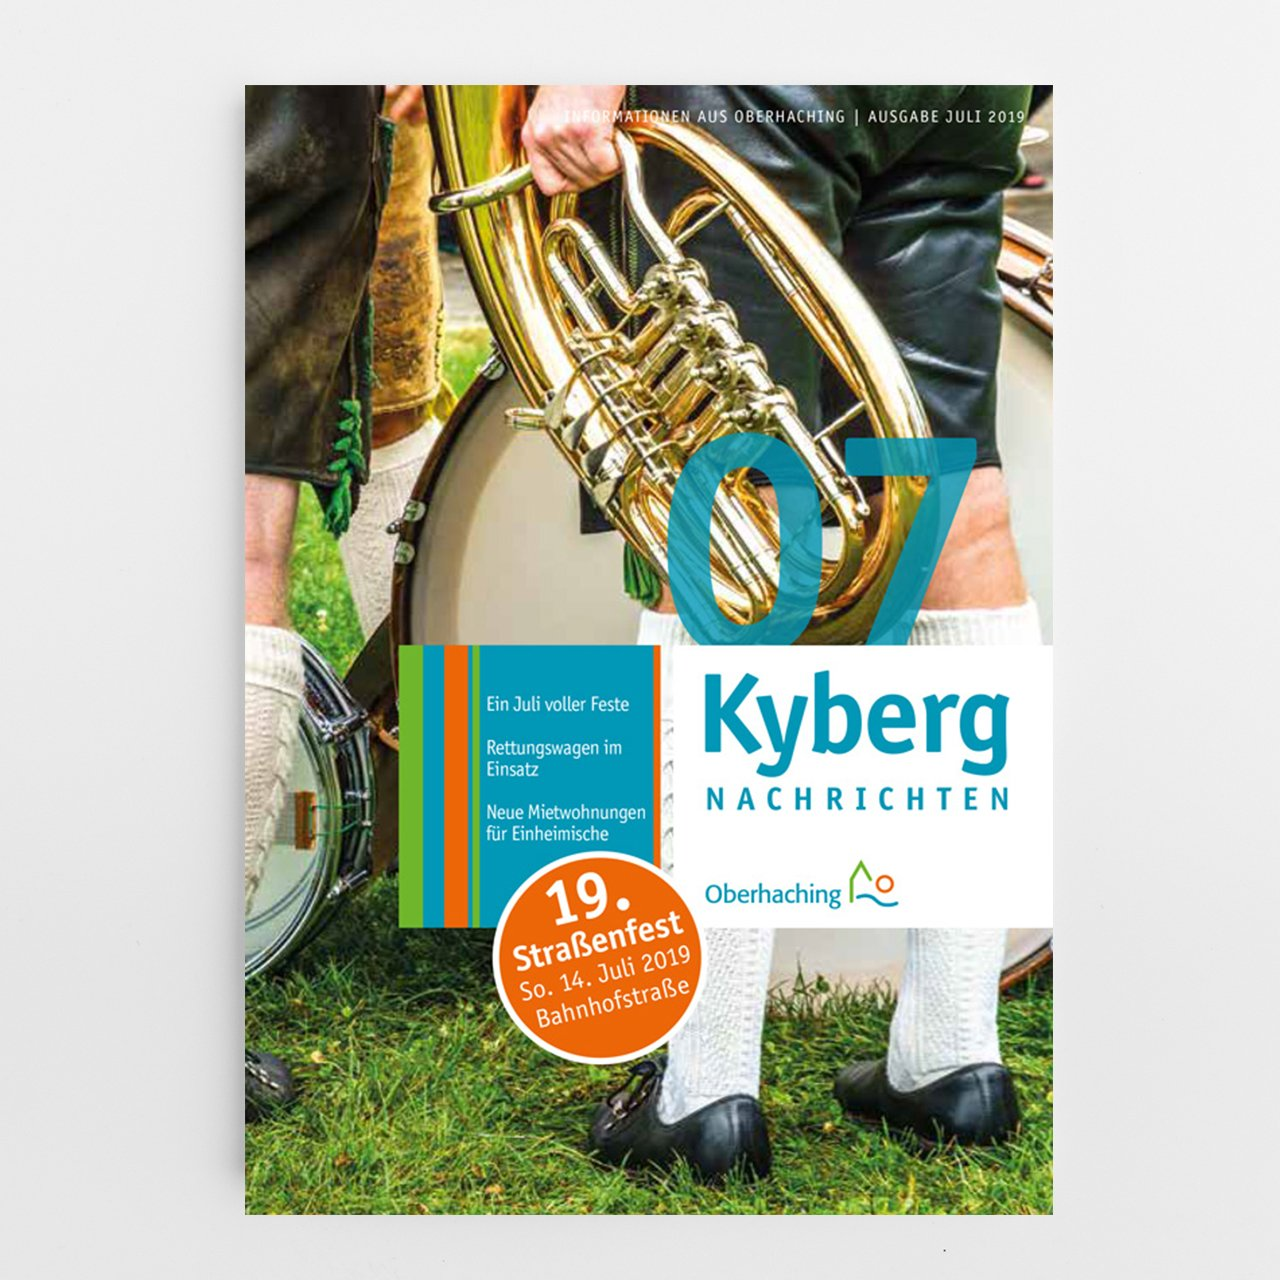 Kybergnachrichten_07/19